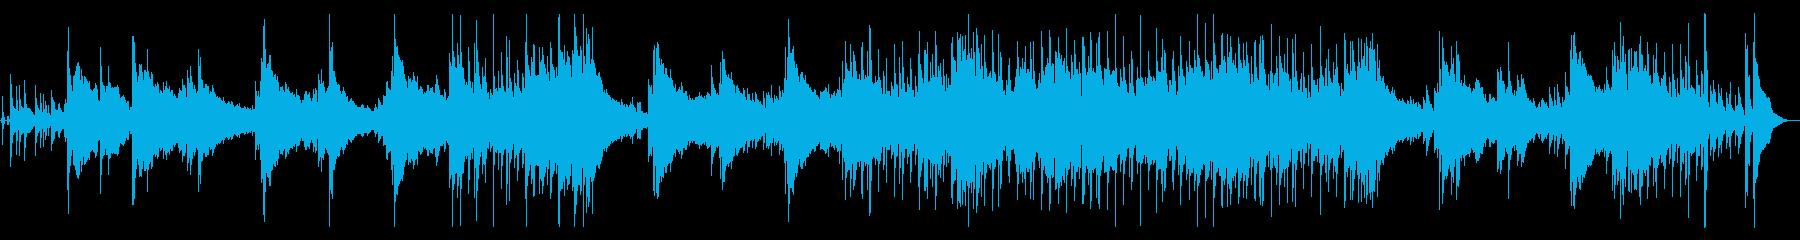 メランコリックなブルースの再生済みの波形